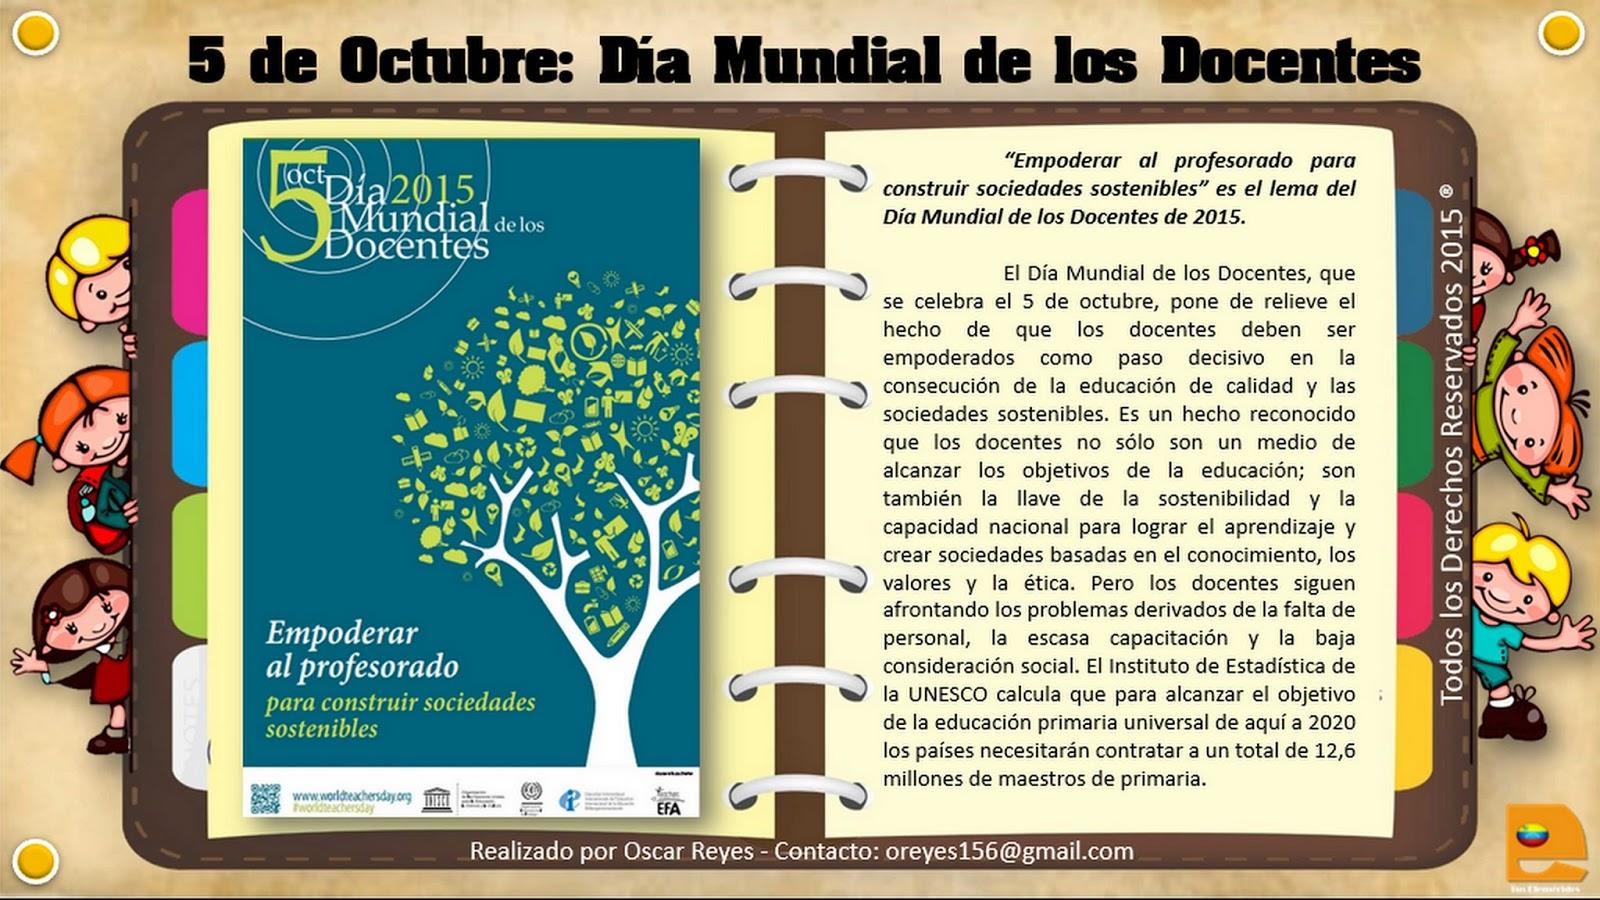 Tus Efemérides Escolares: 05 de Octubre Día Mundial de los Docentes